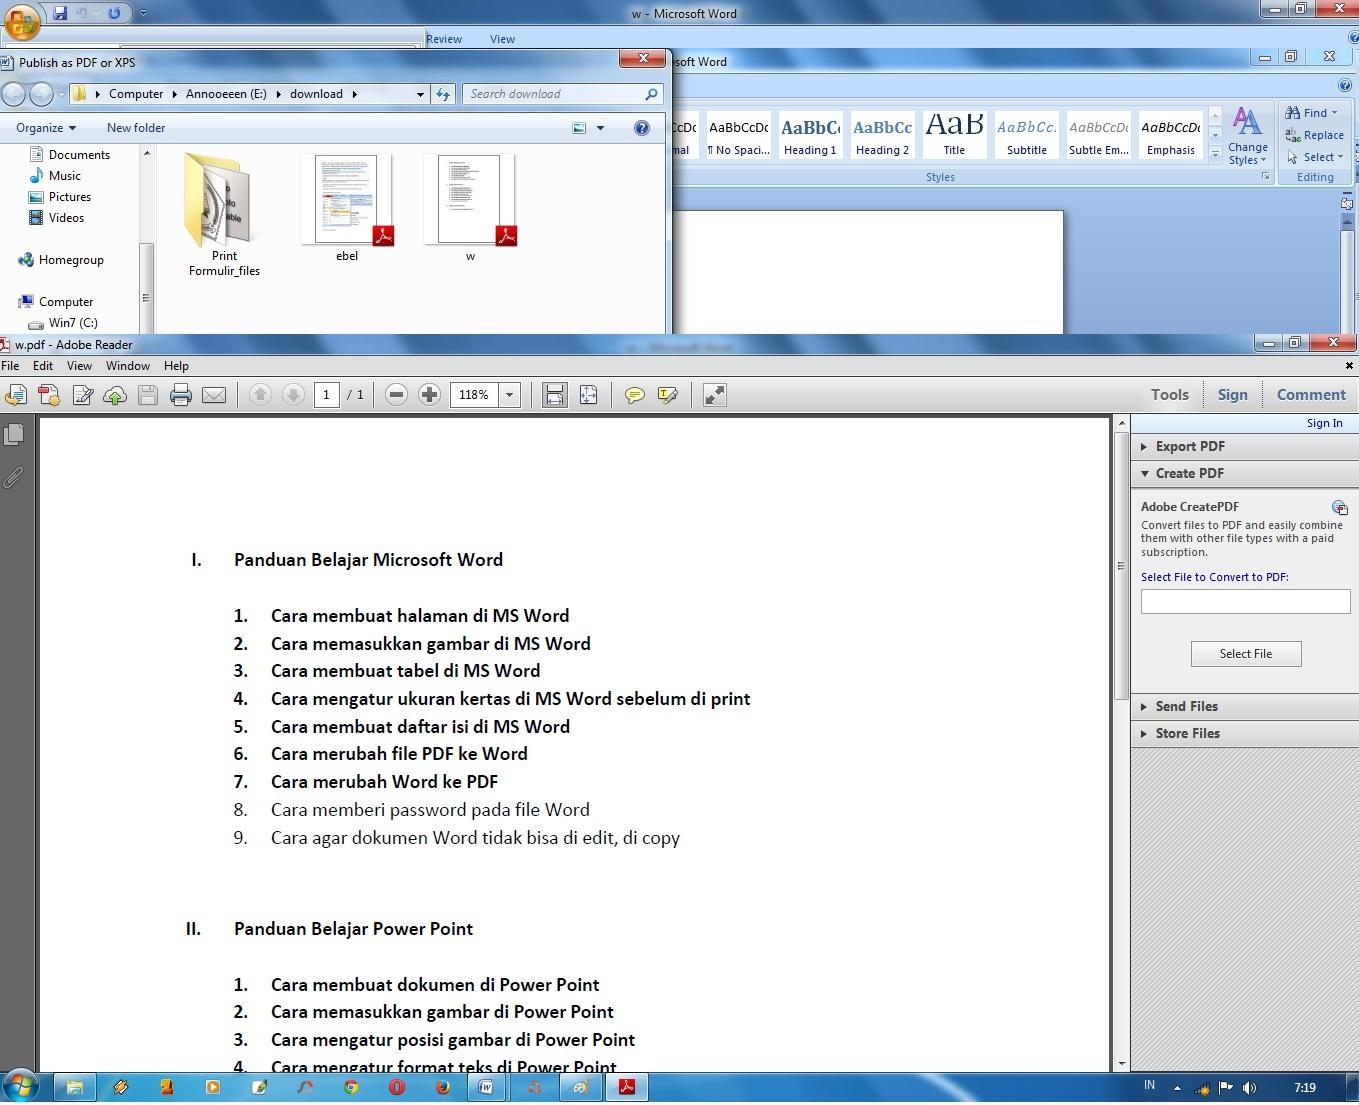 Объединение или слияние файлов в один файл PDF в Adobe Acrobat DC 2